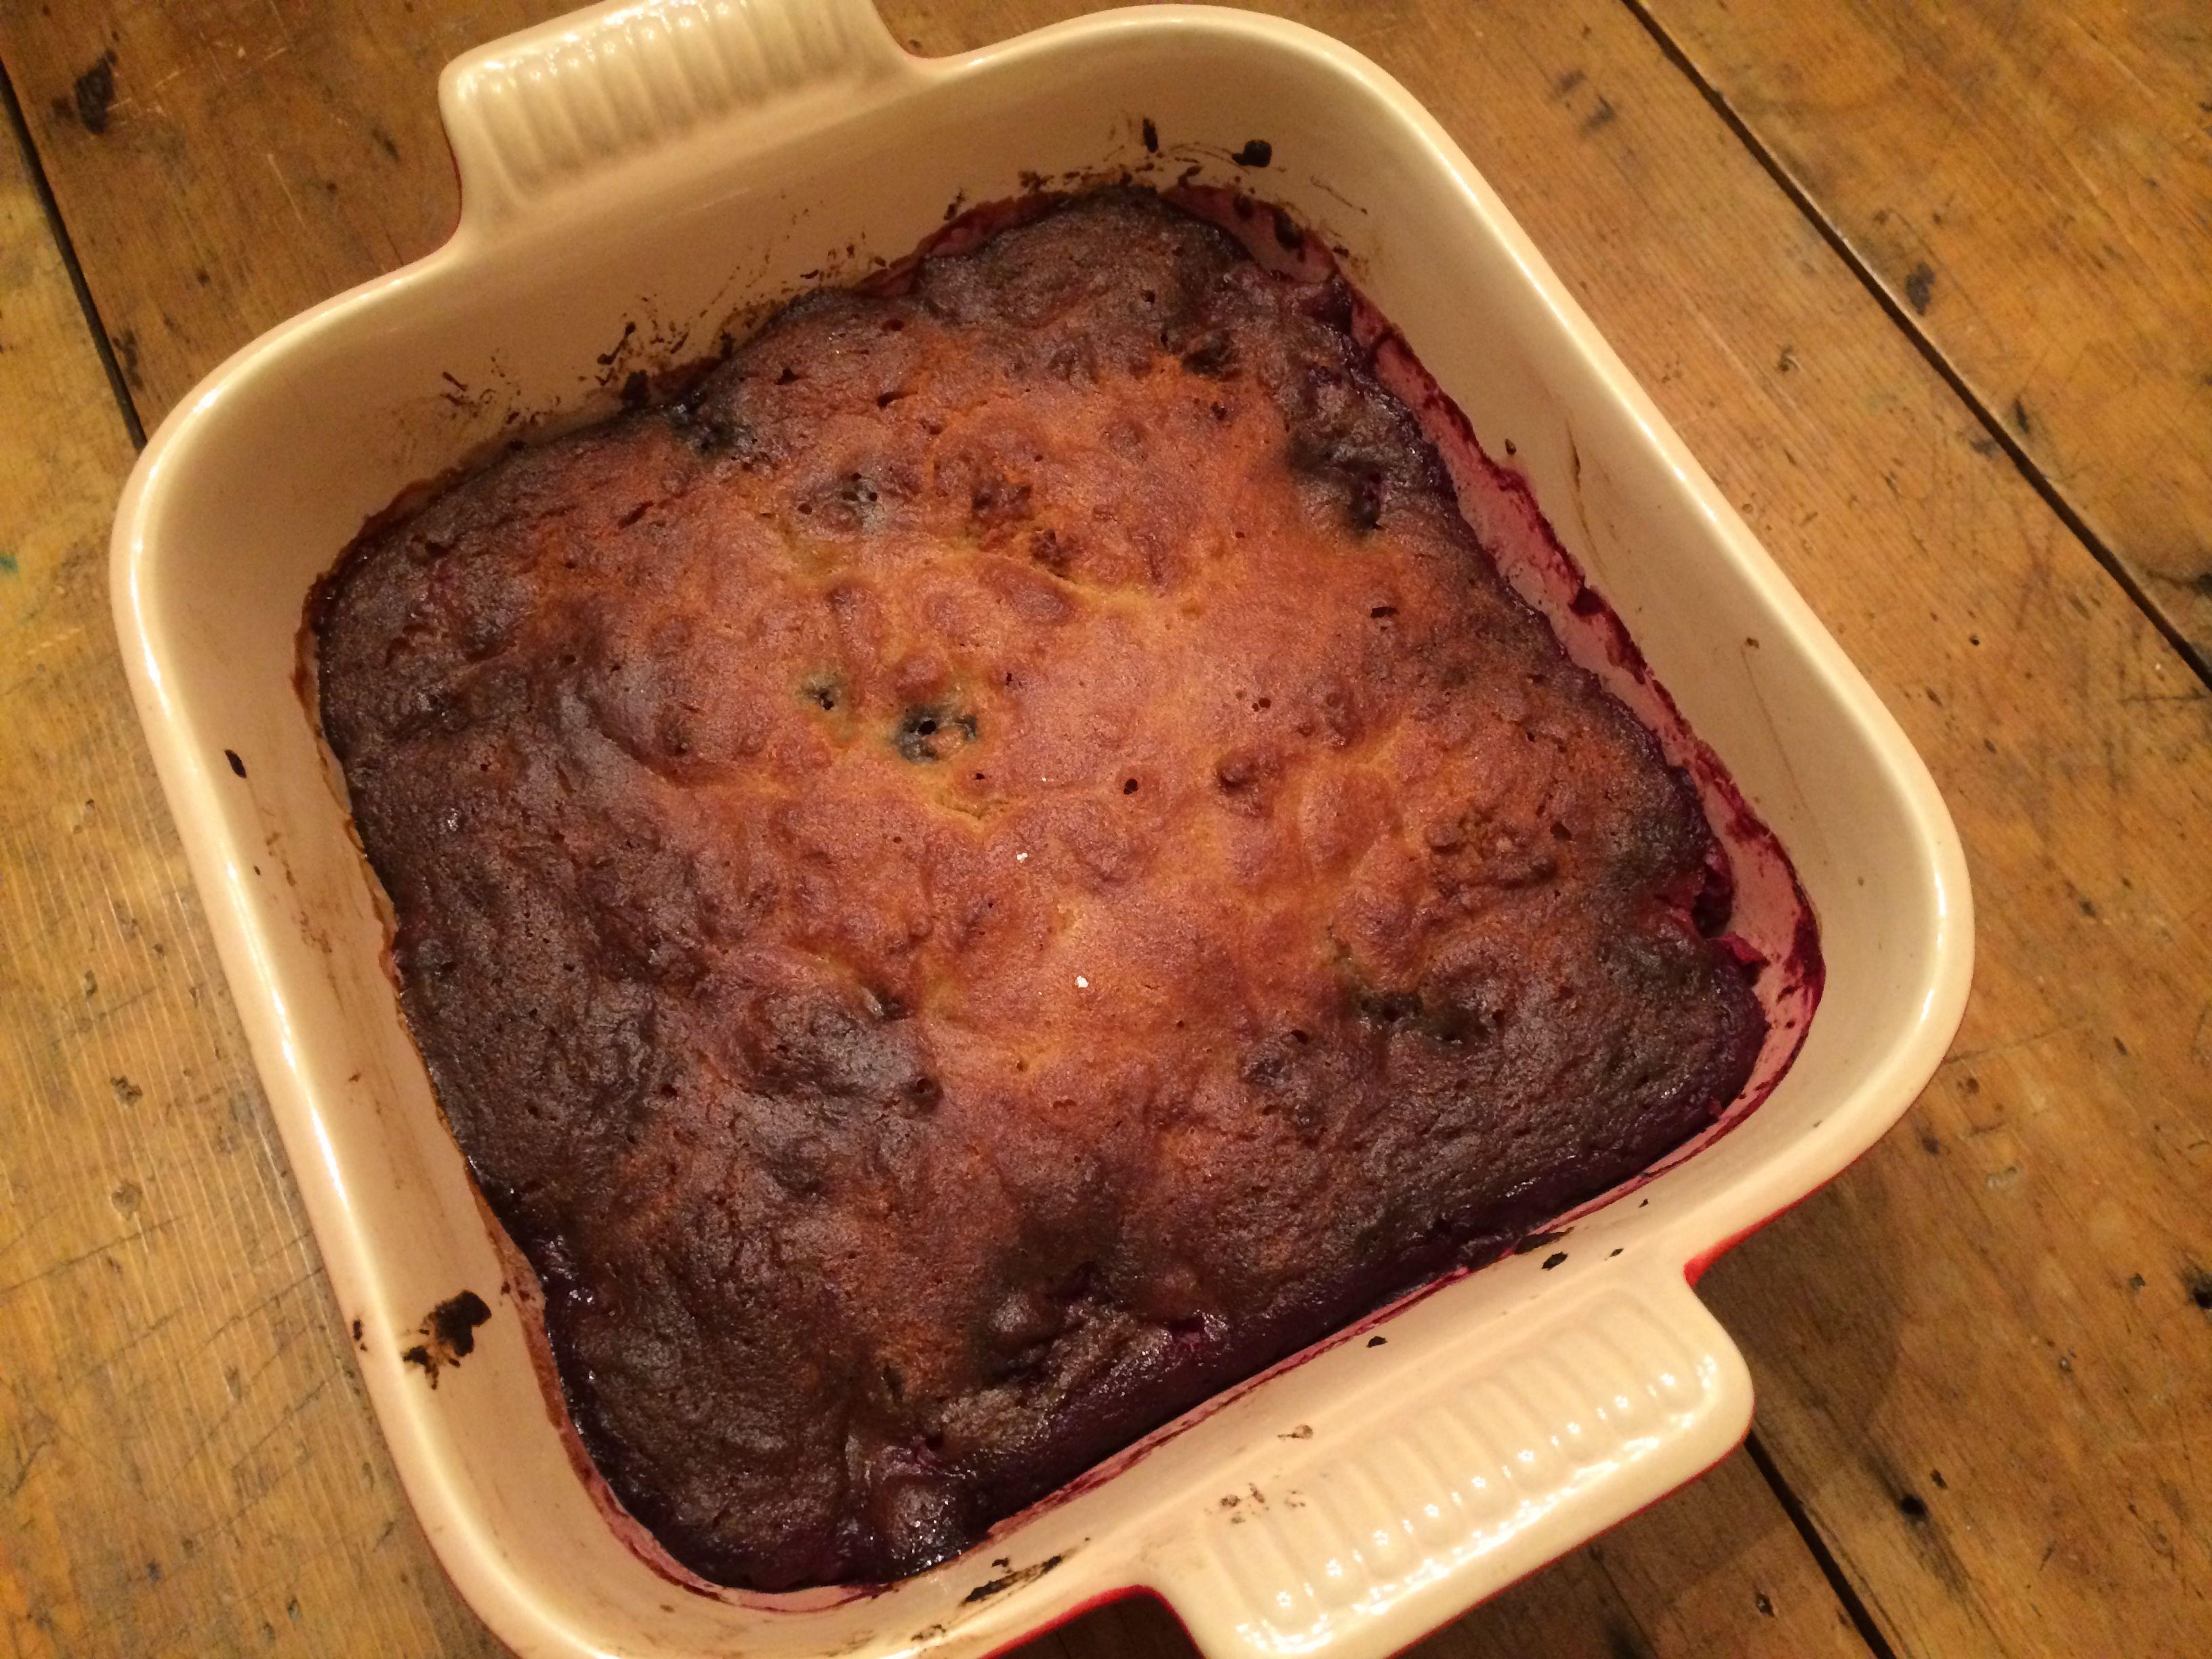 NE_Blackberry Cobbler_Just baked